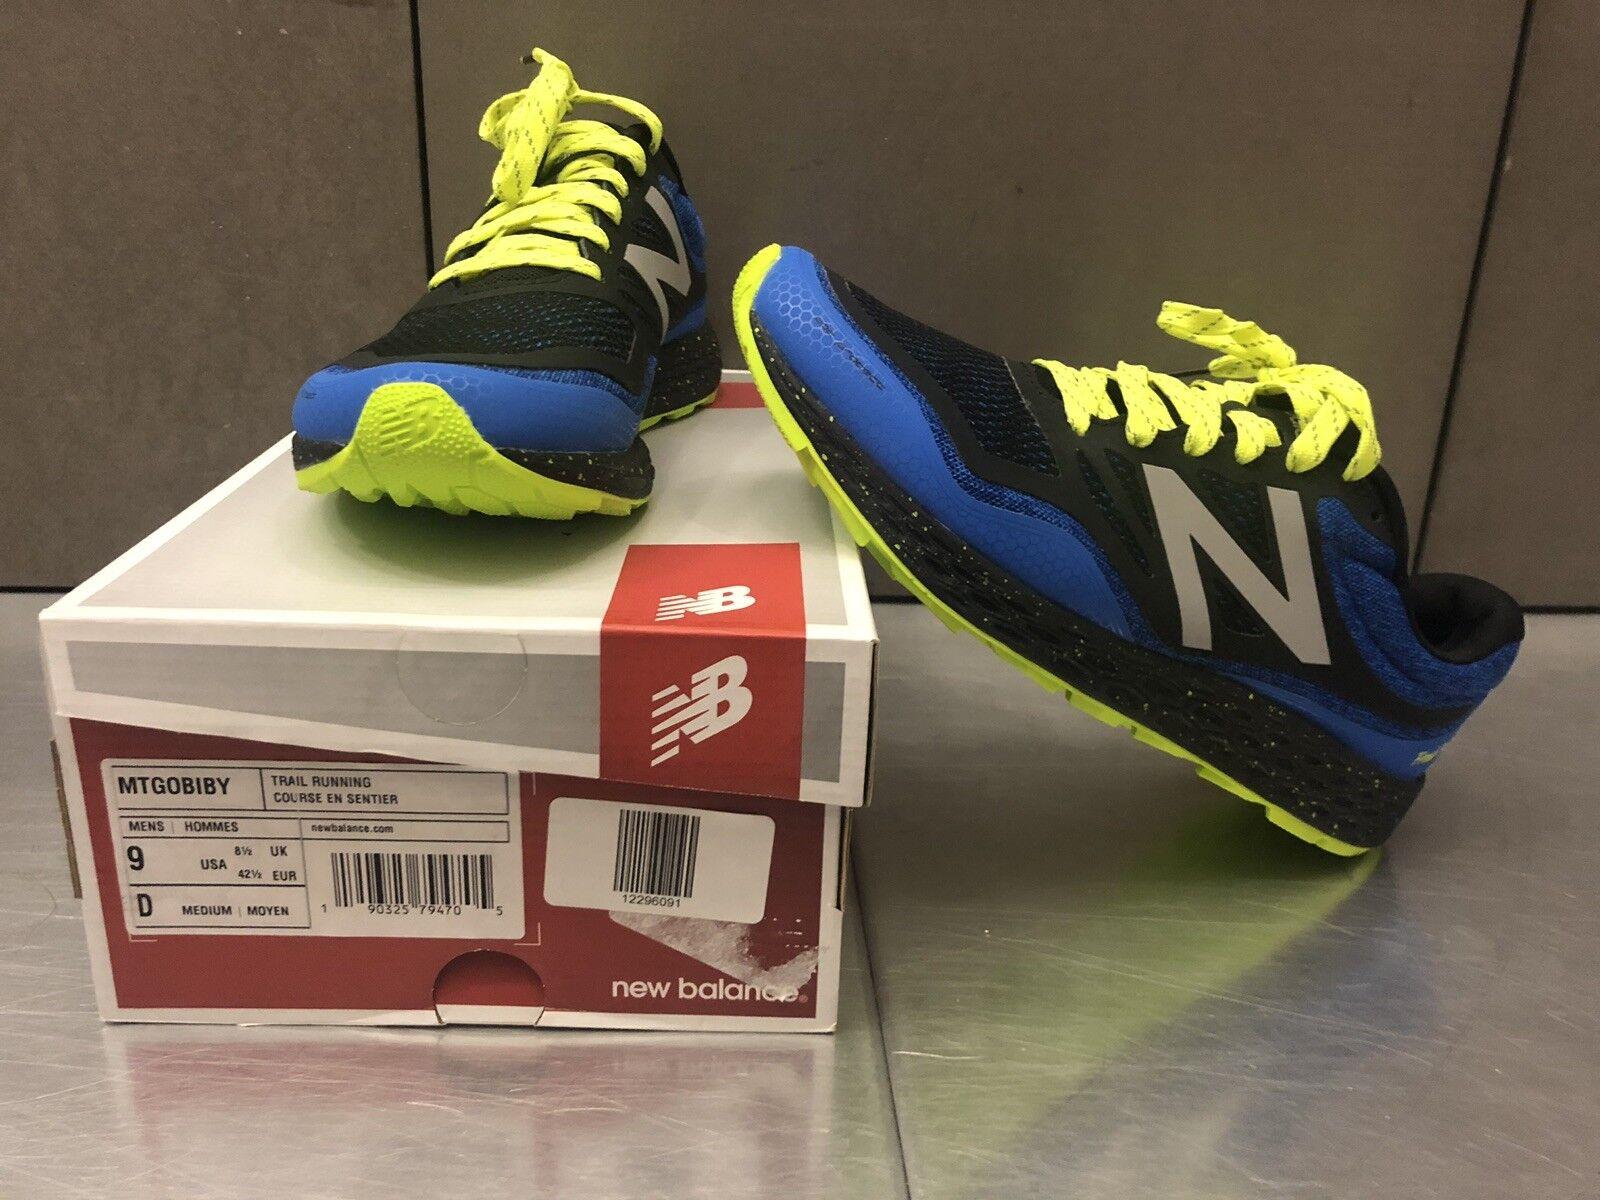 NIB New Balance Men's MTGOBIBY Running zapatos Sz 9.5 free shipping